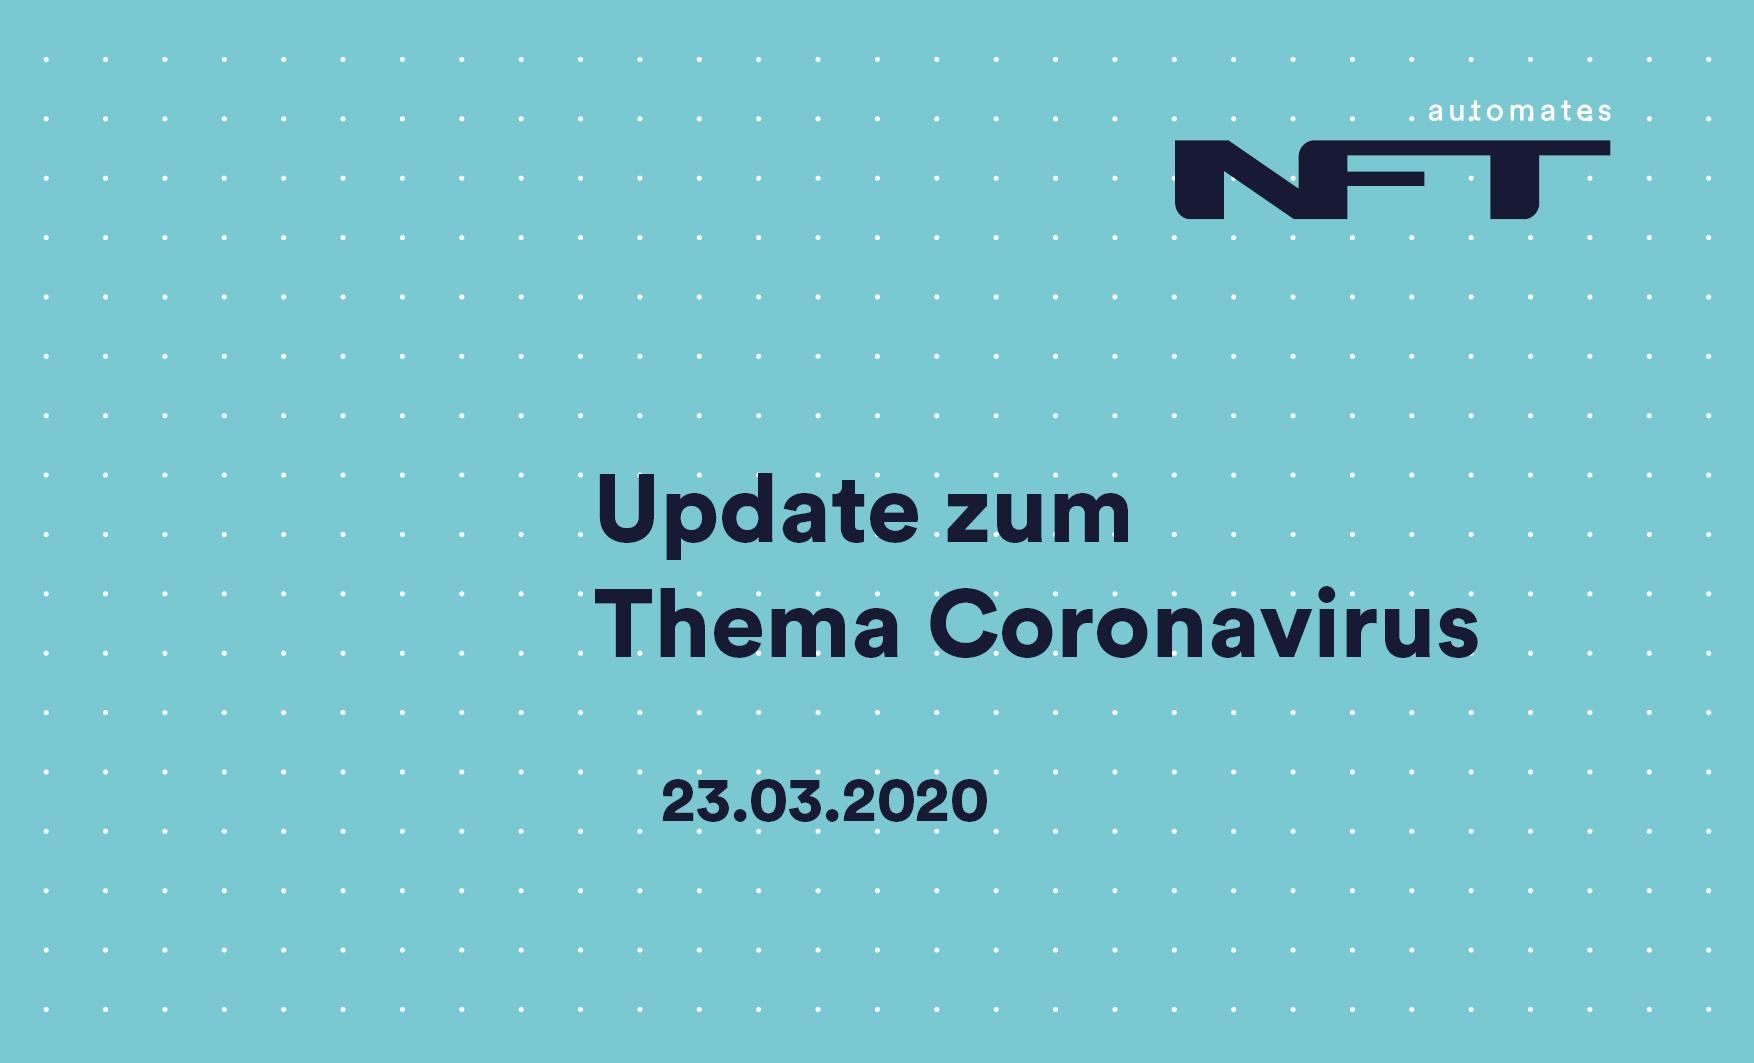 Update zum Thema Coronavirus